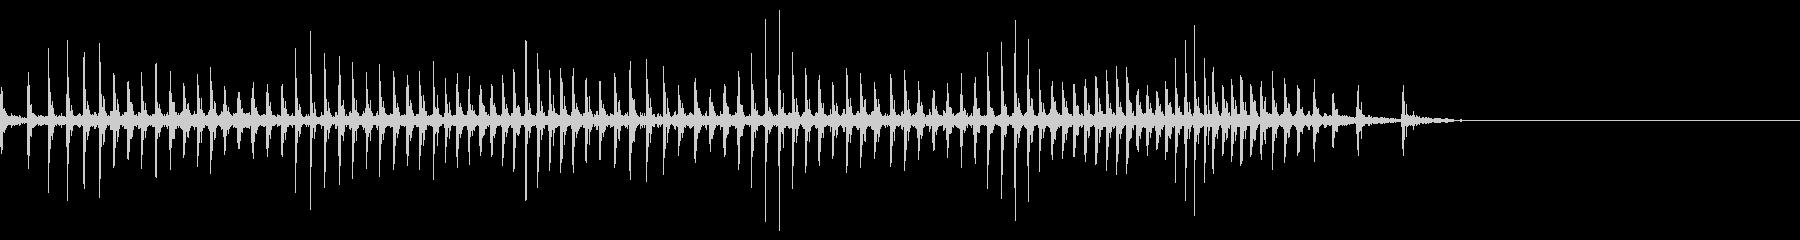 [生録音]魚釣り、リールを巻く08の未再生の波形